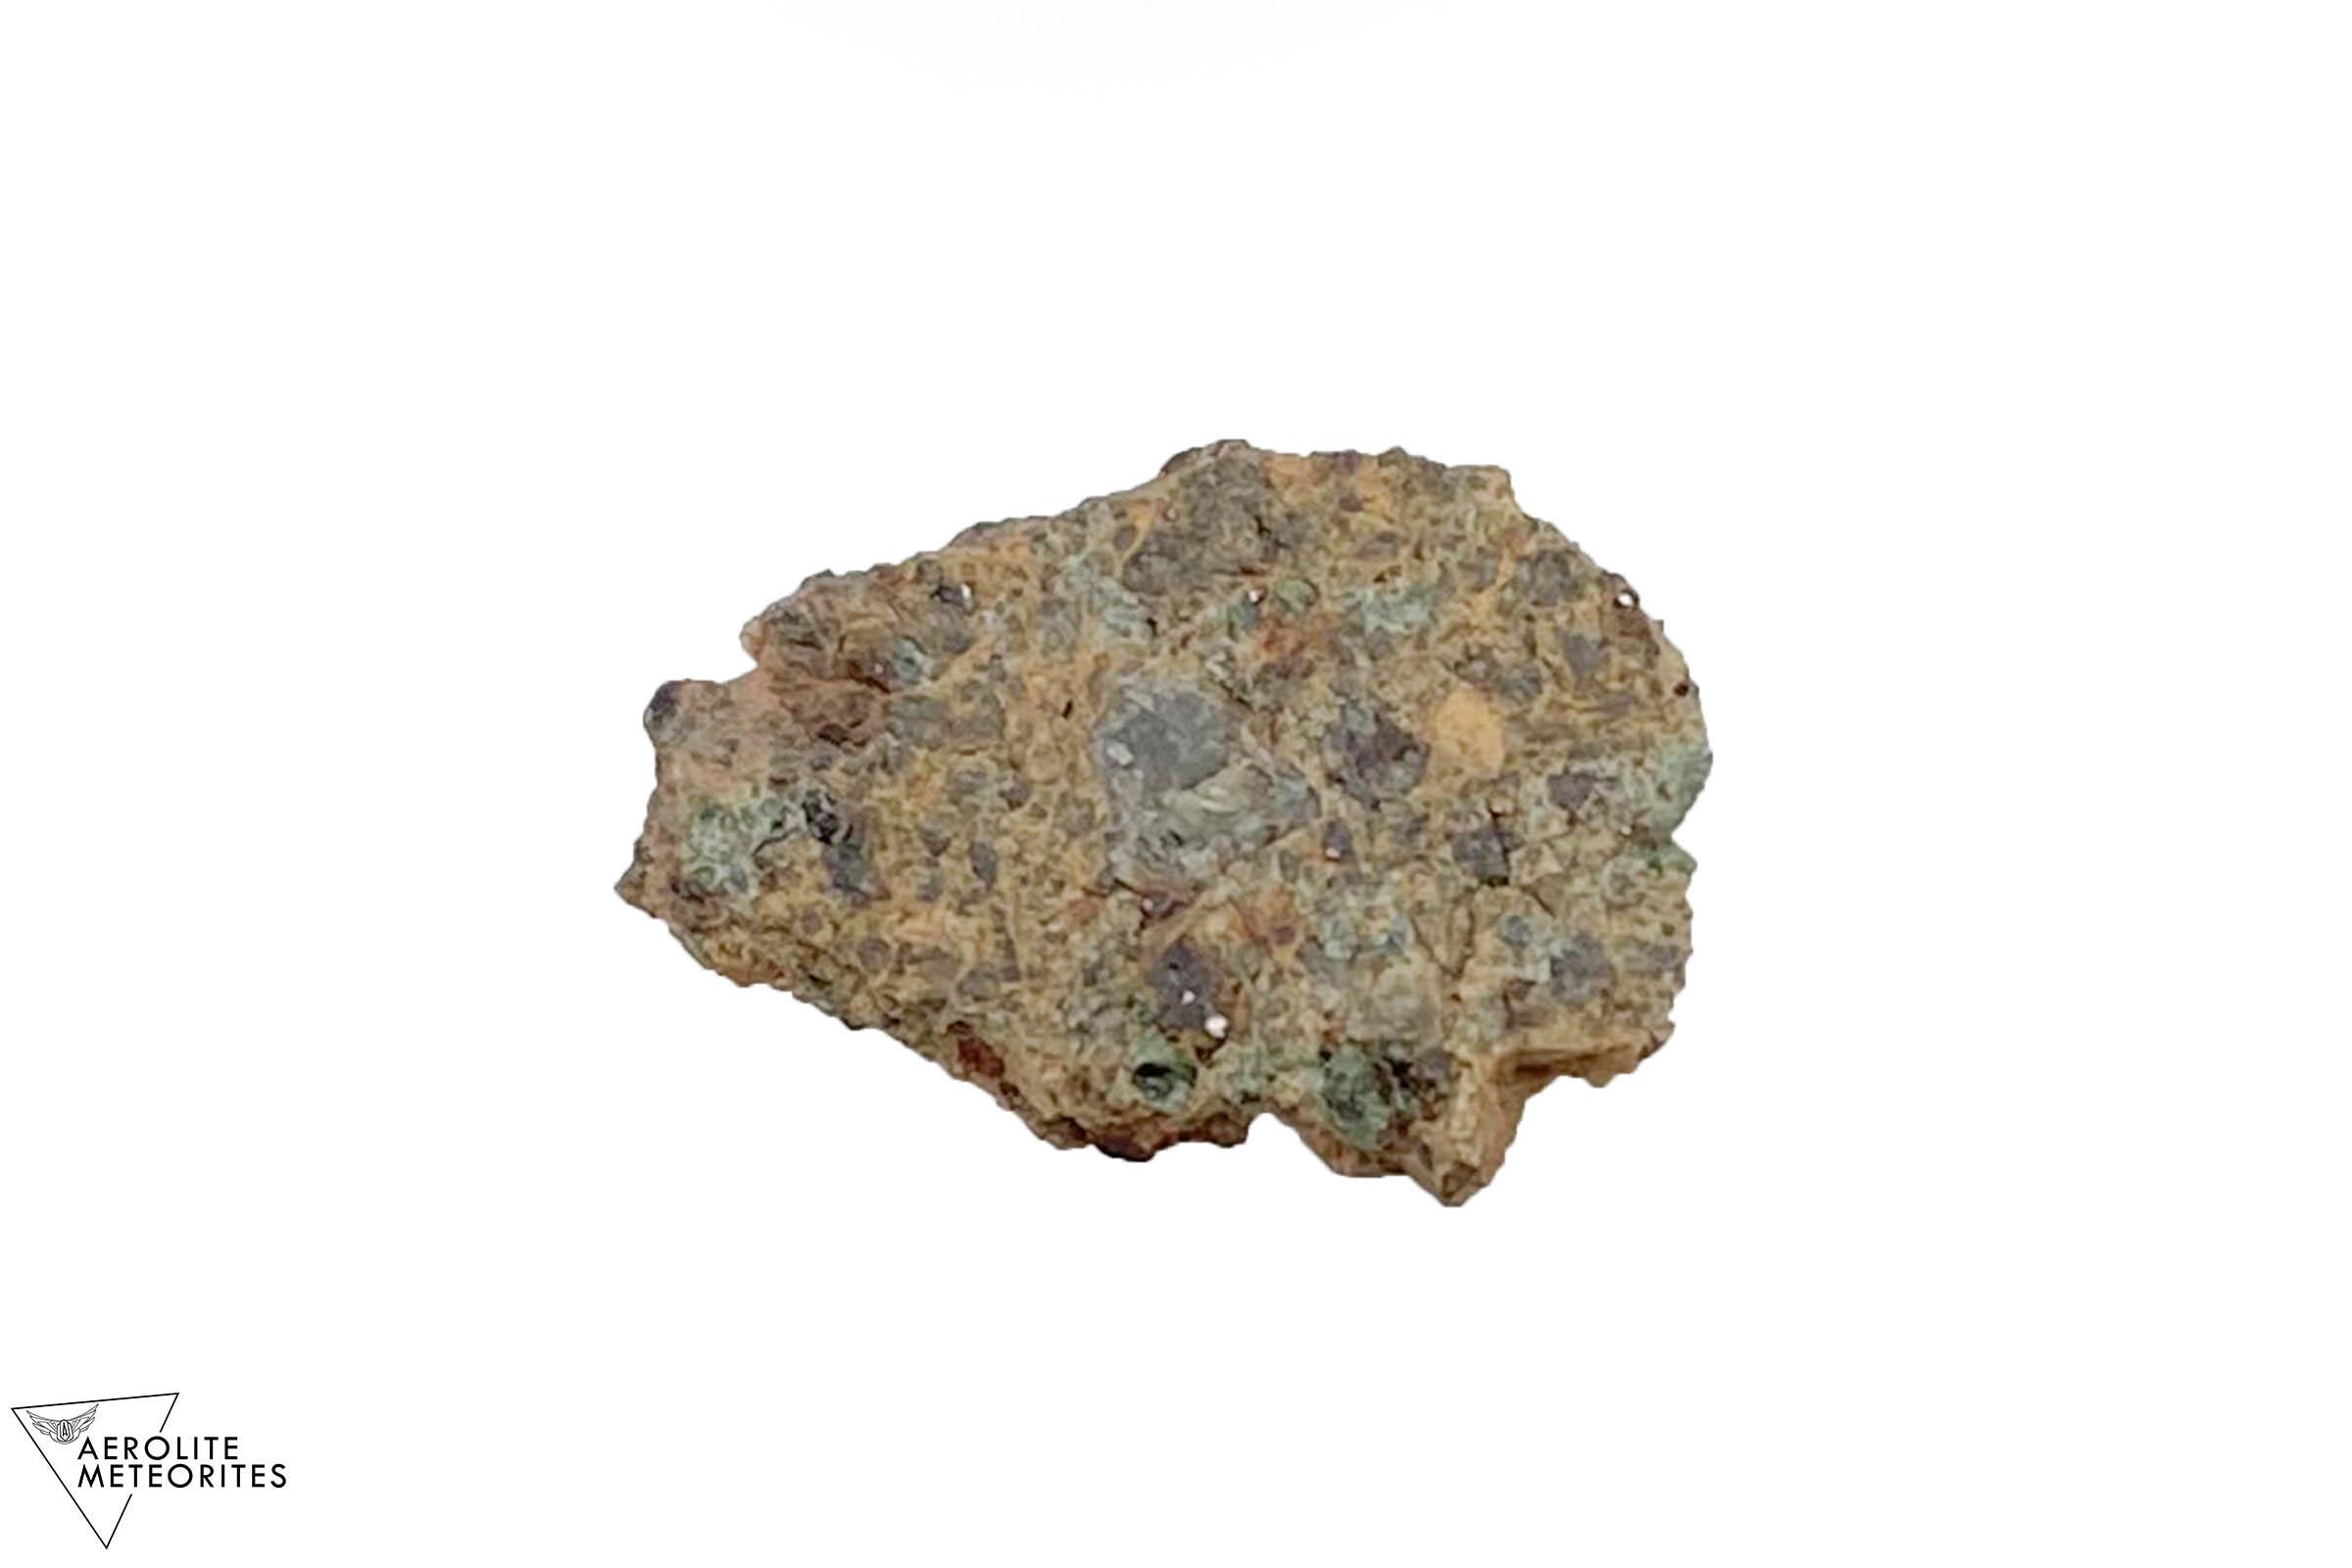 lodranite meteorite